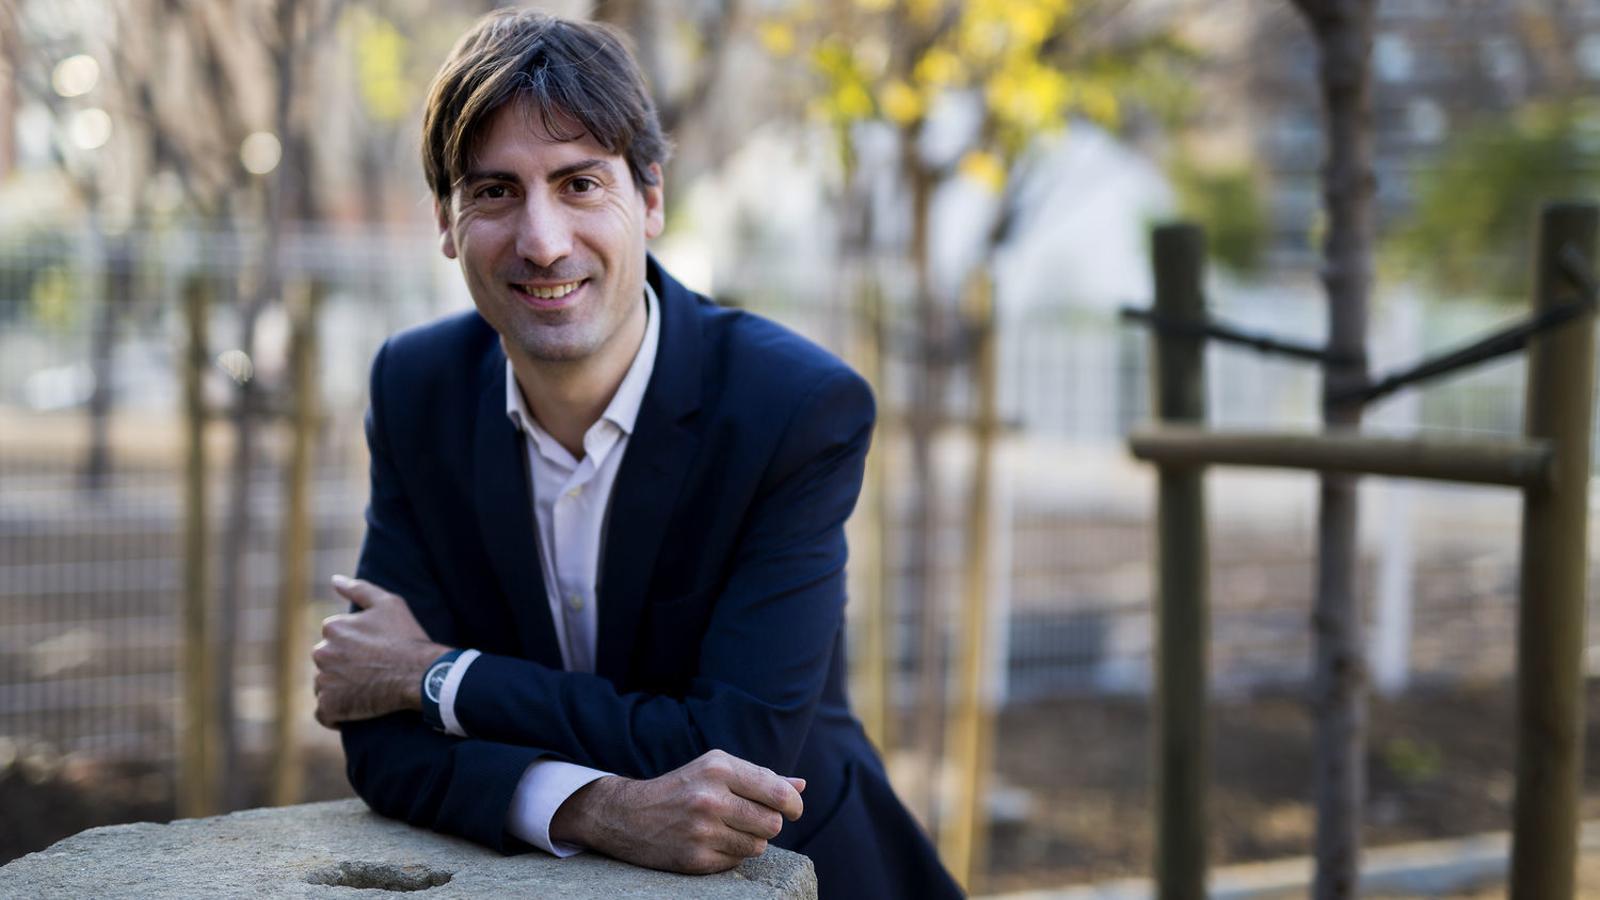 Jordi Solé pren possessió com a eurodiputat per la pèrdua de l'escó de Junqueras